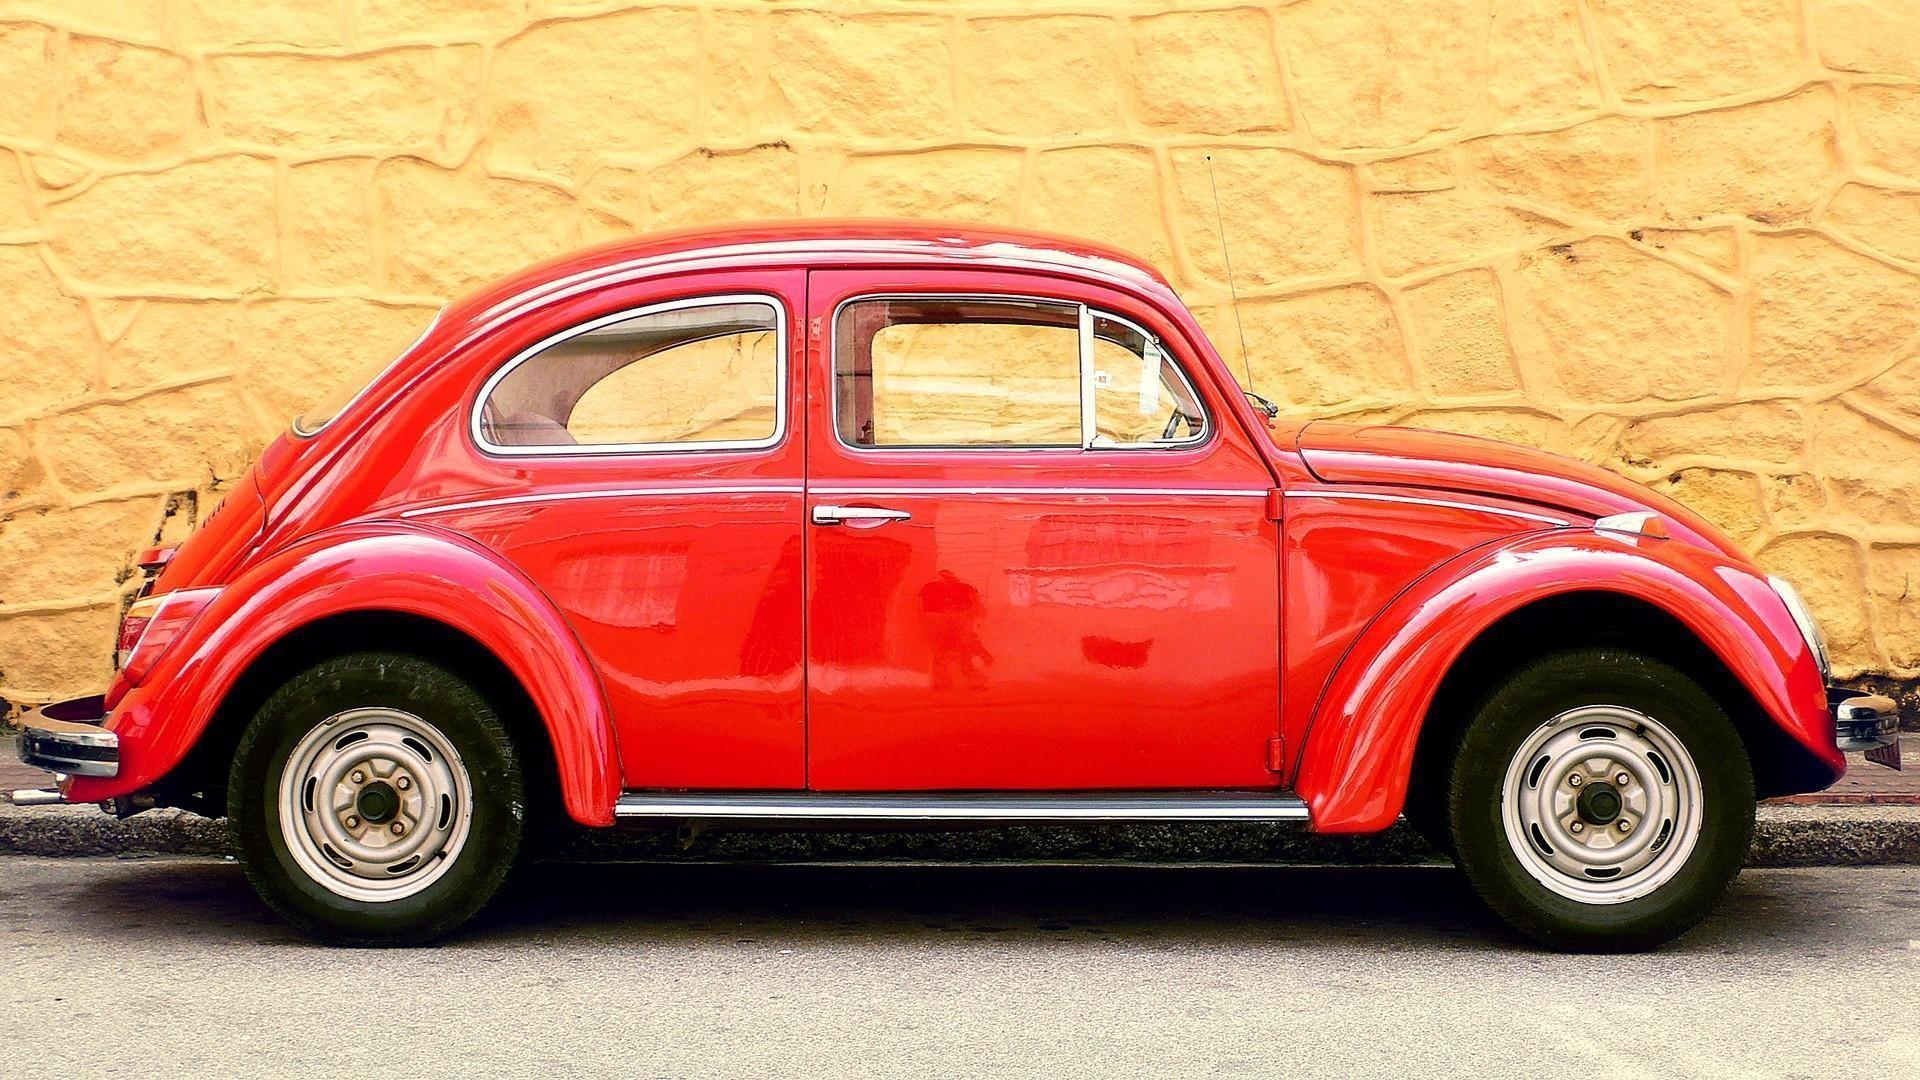 Volkswagen Beetle Wallpapers HD Download